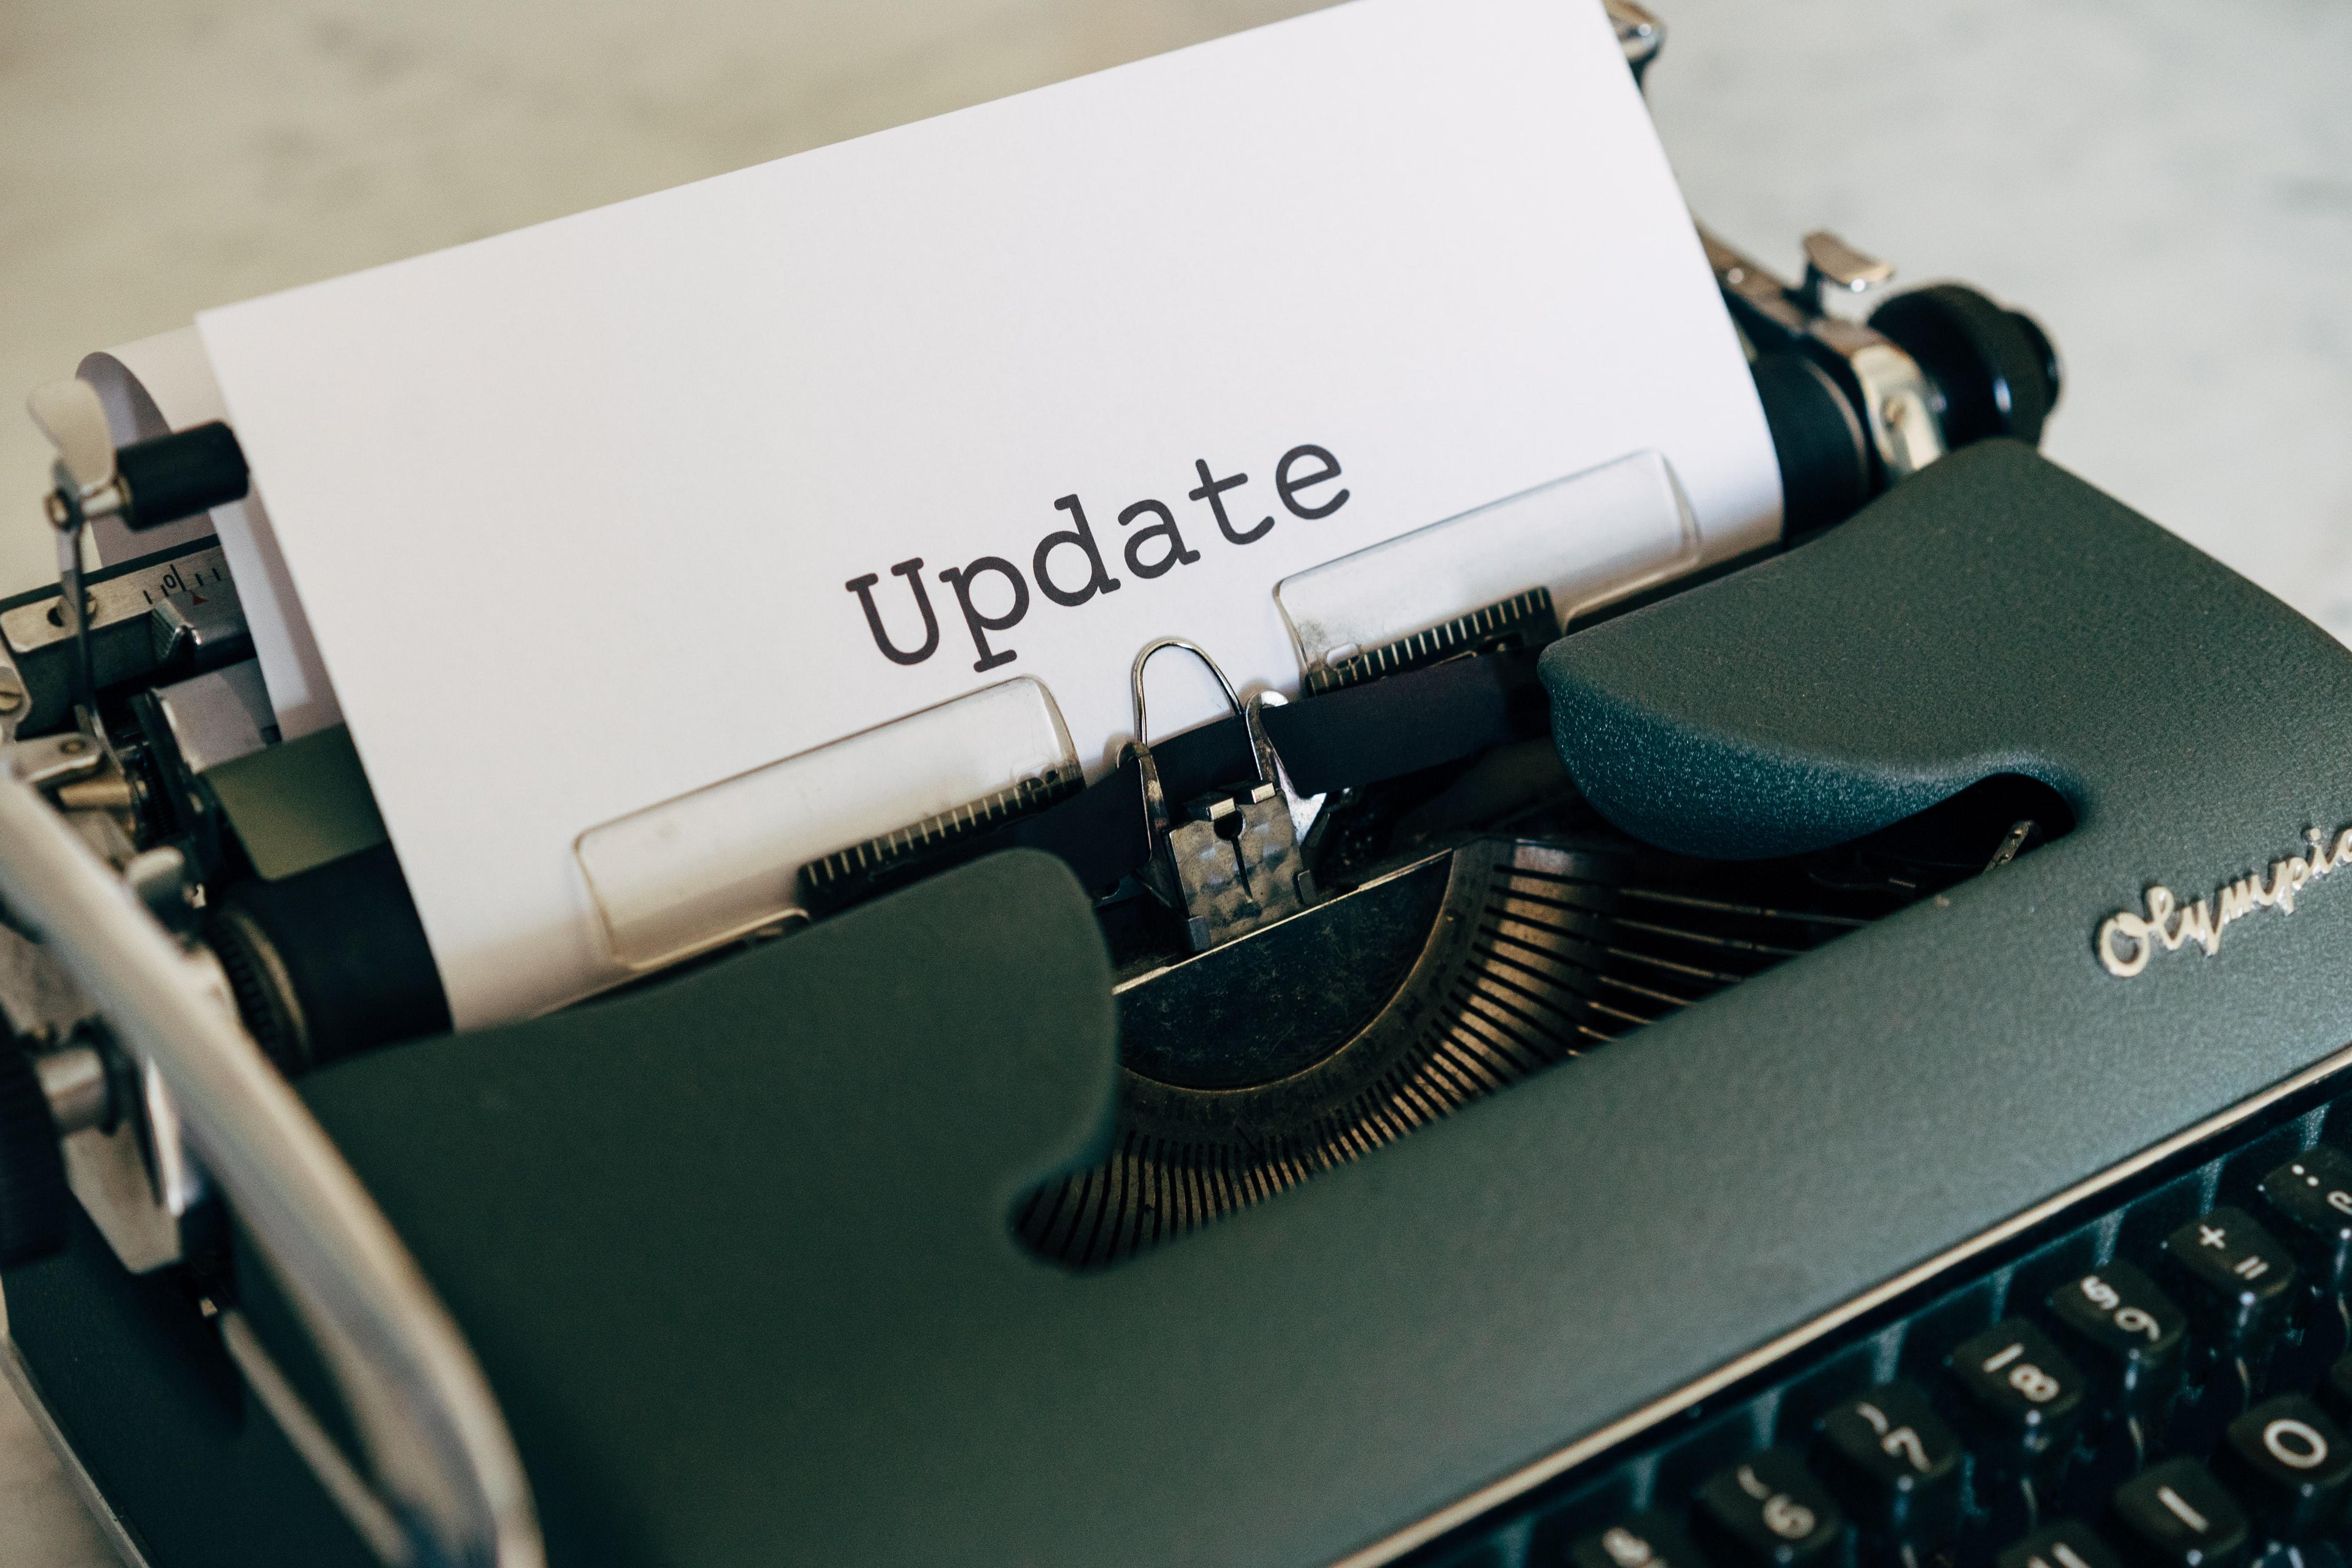 Update typewriter image